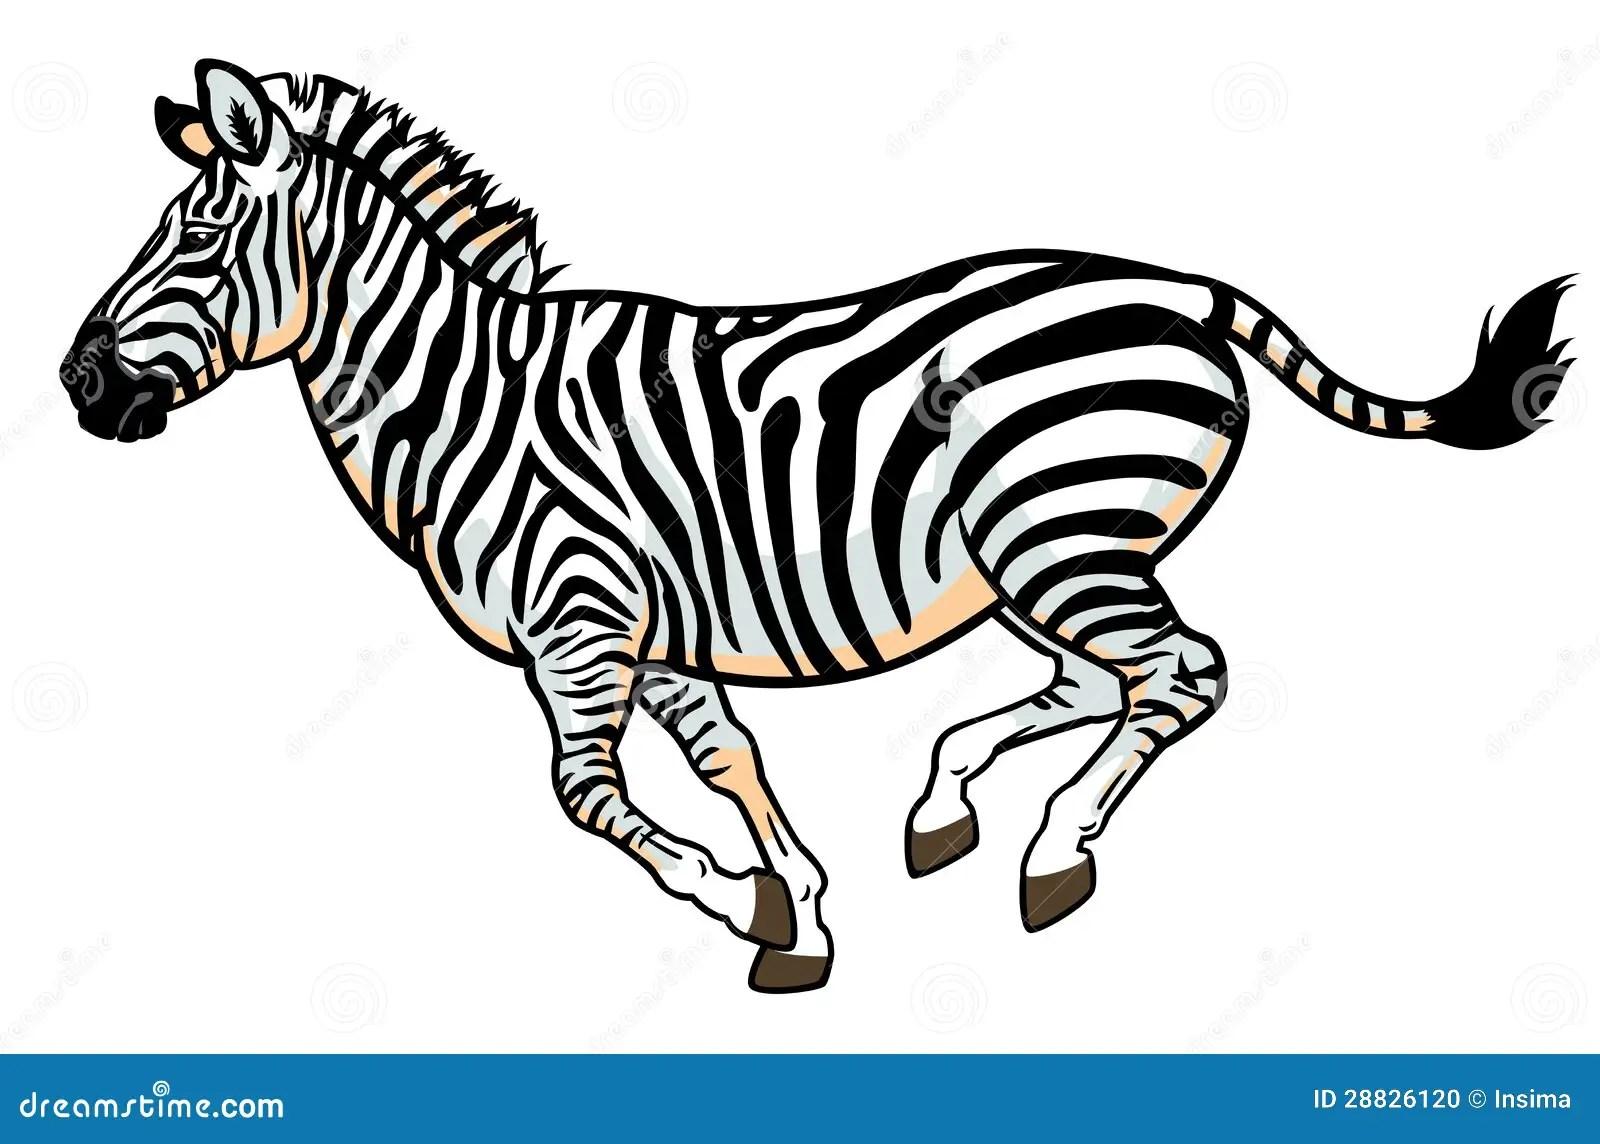 Zebra On White Stock Vector Illustration Of Illustration